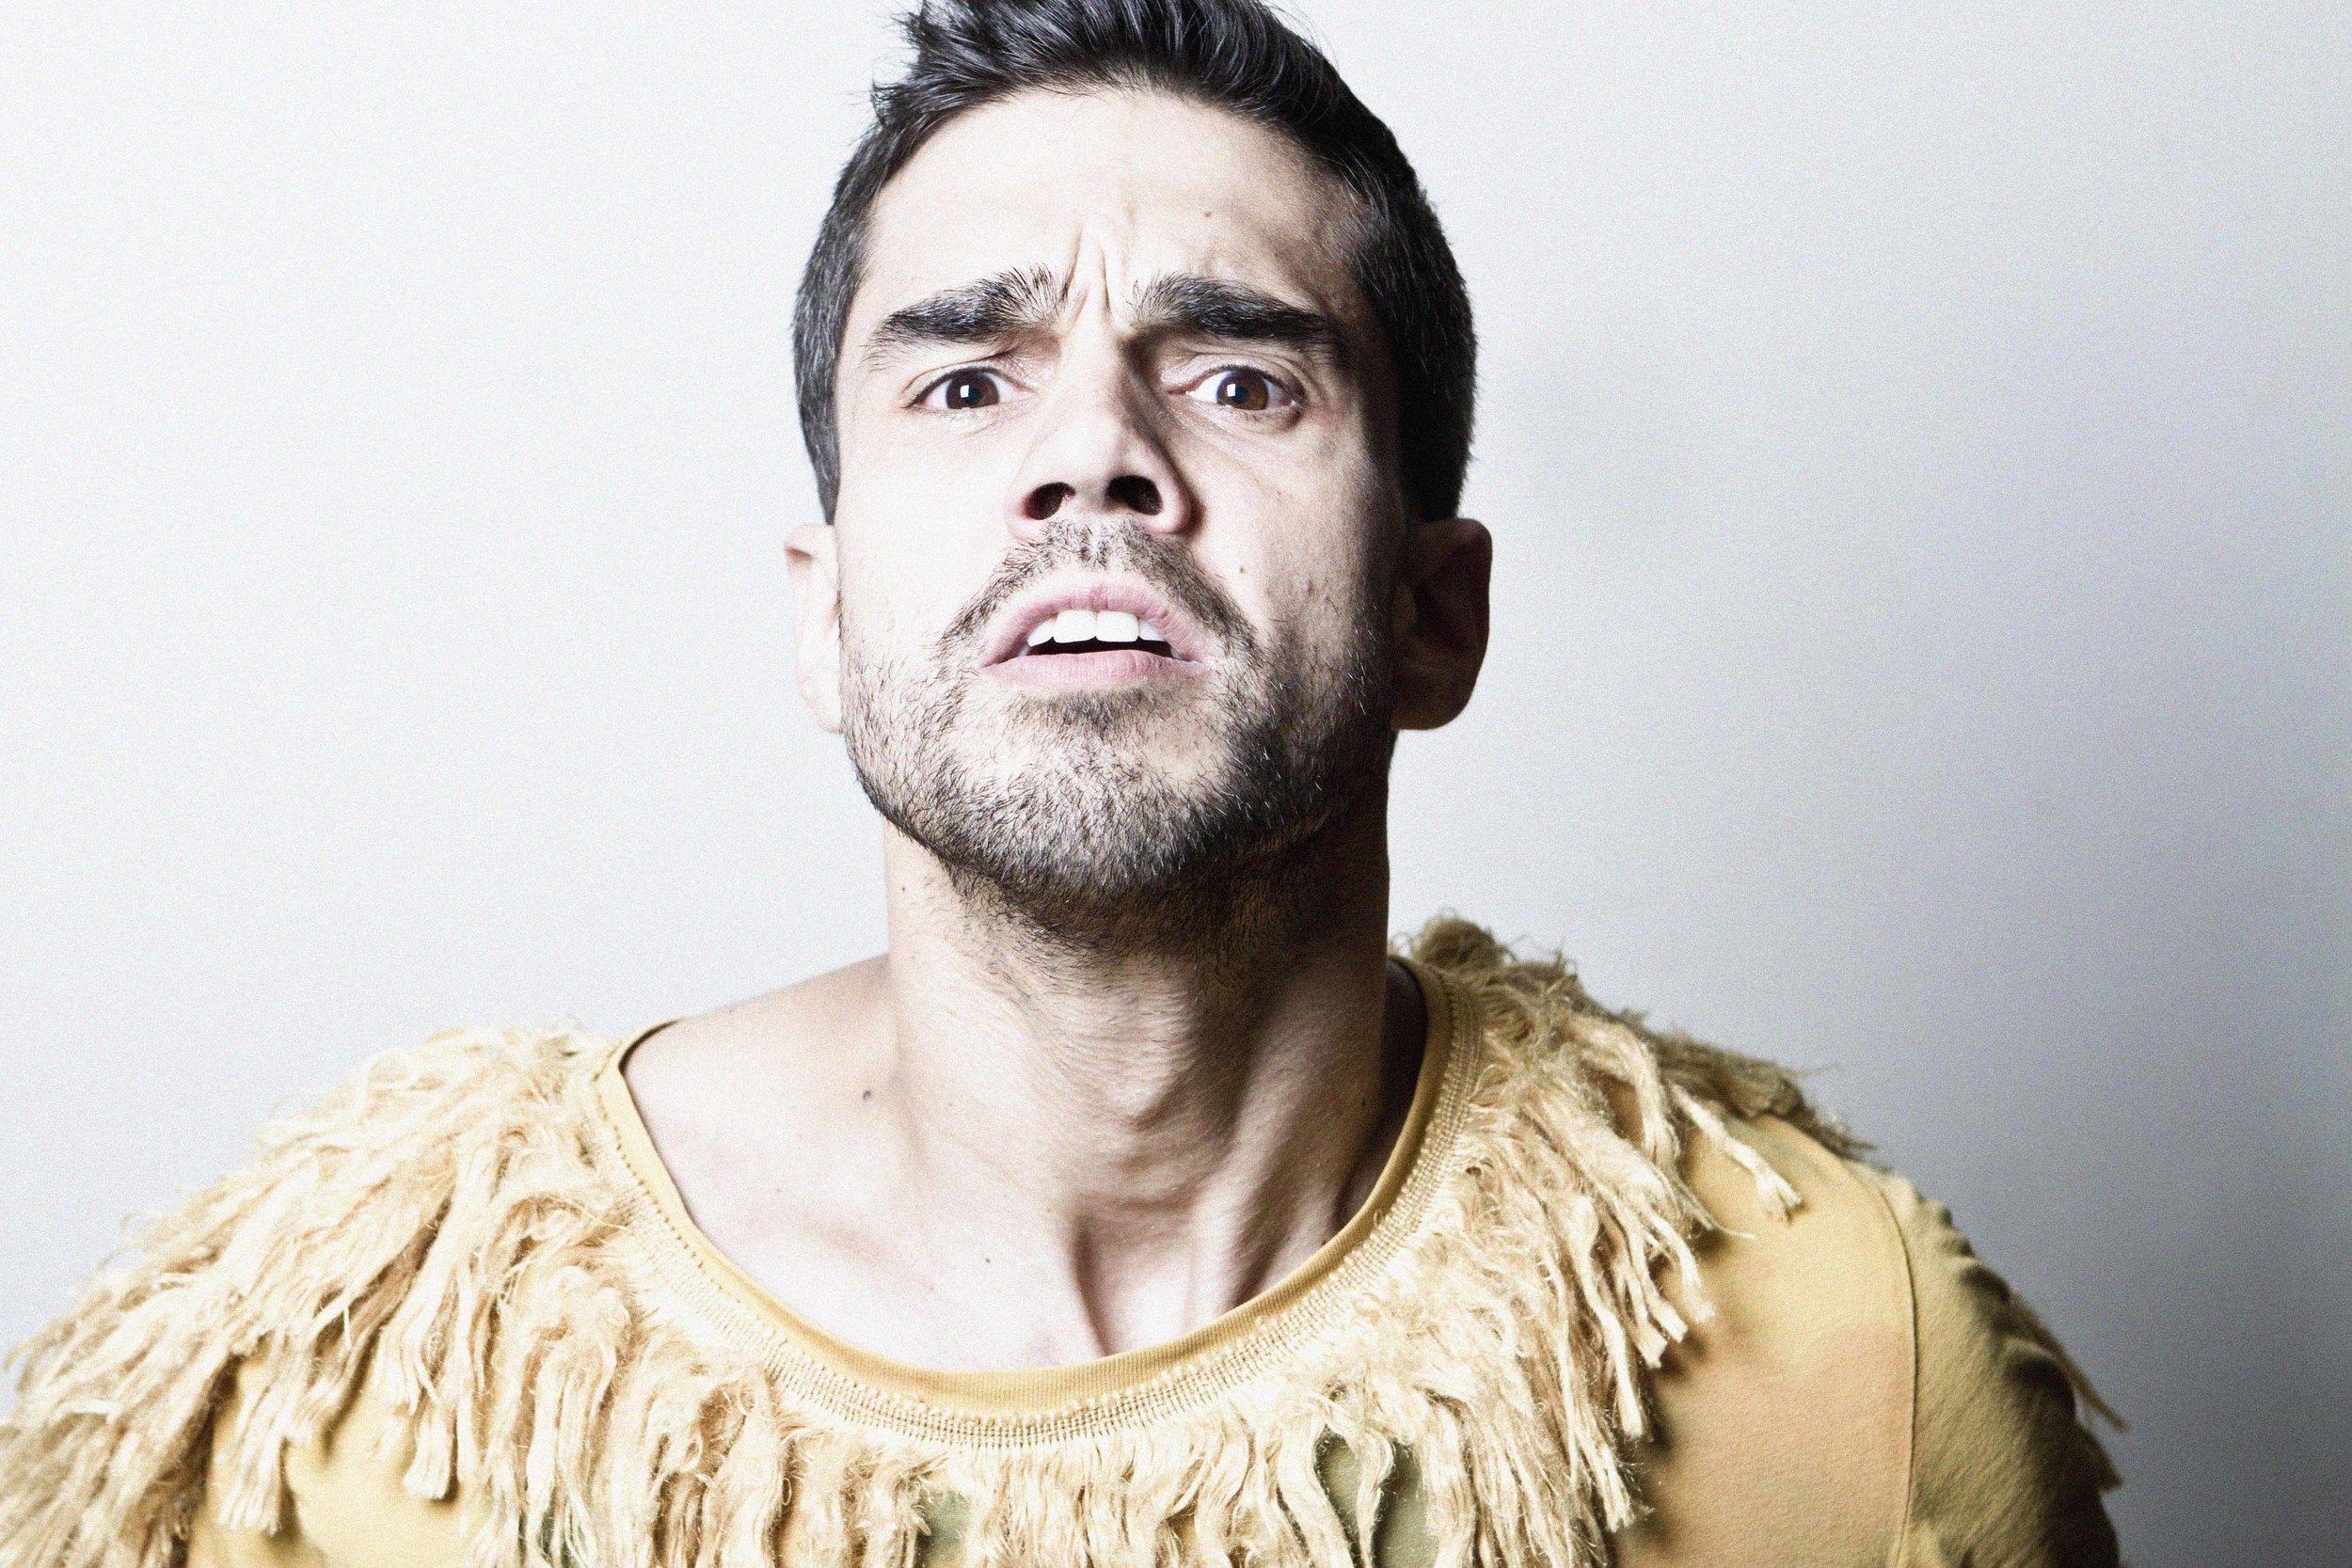 Jorge Luna • word- deported • 8 of 15